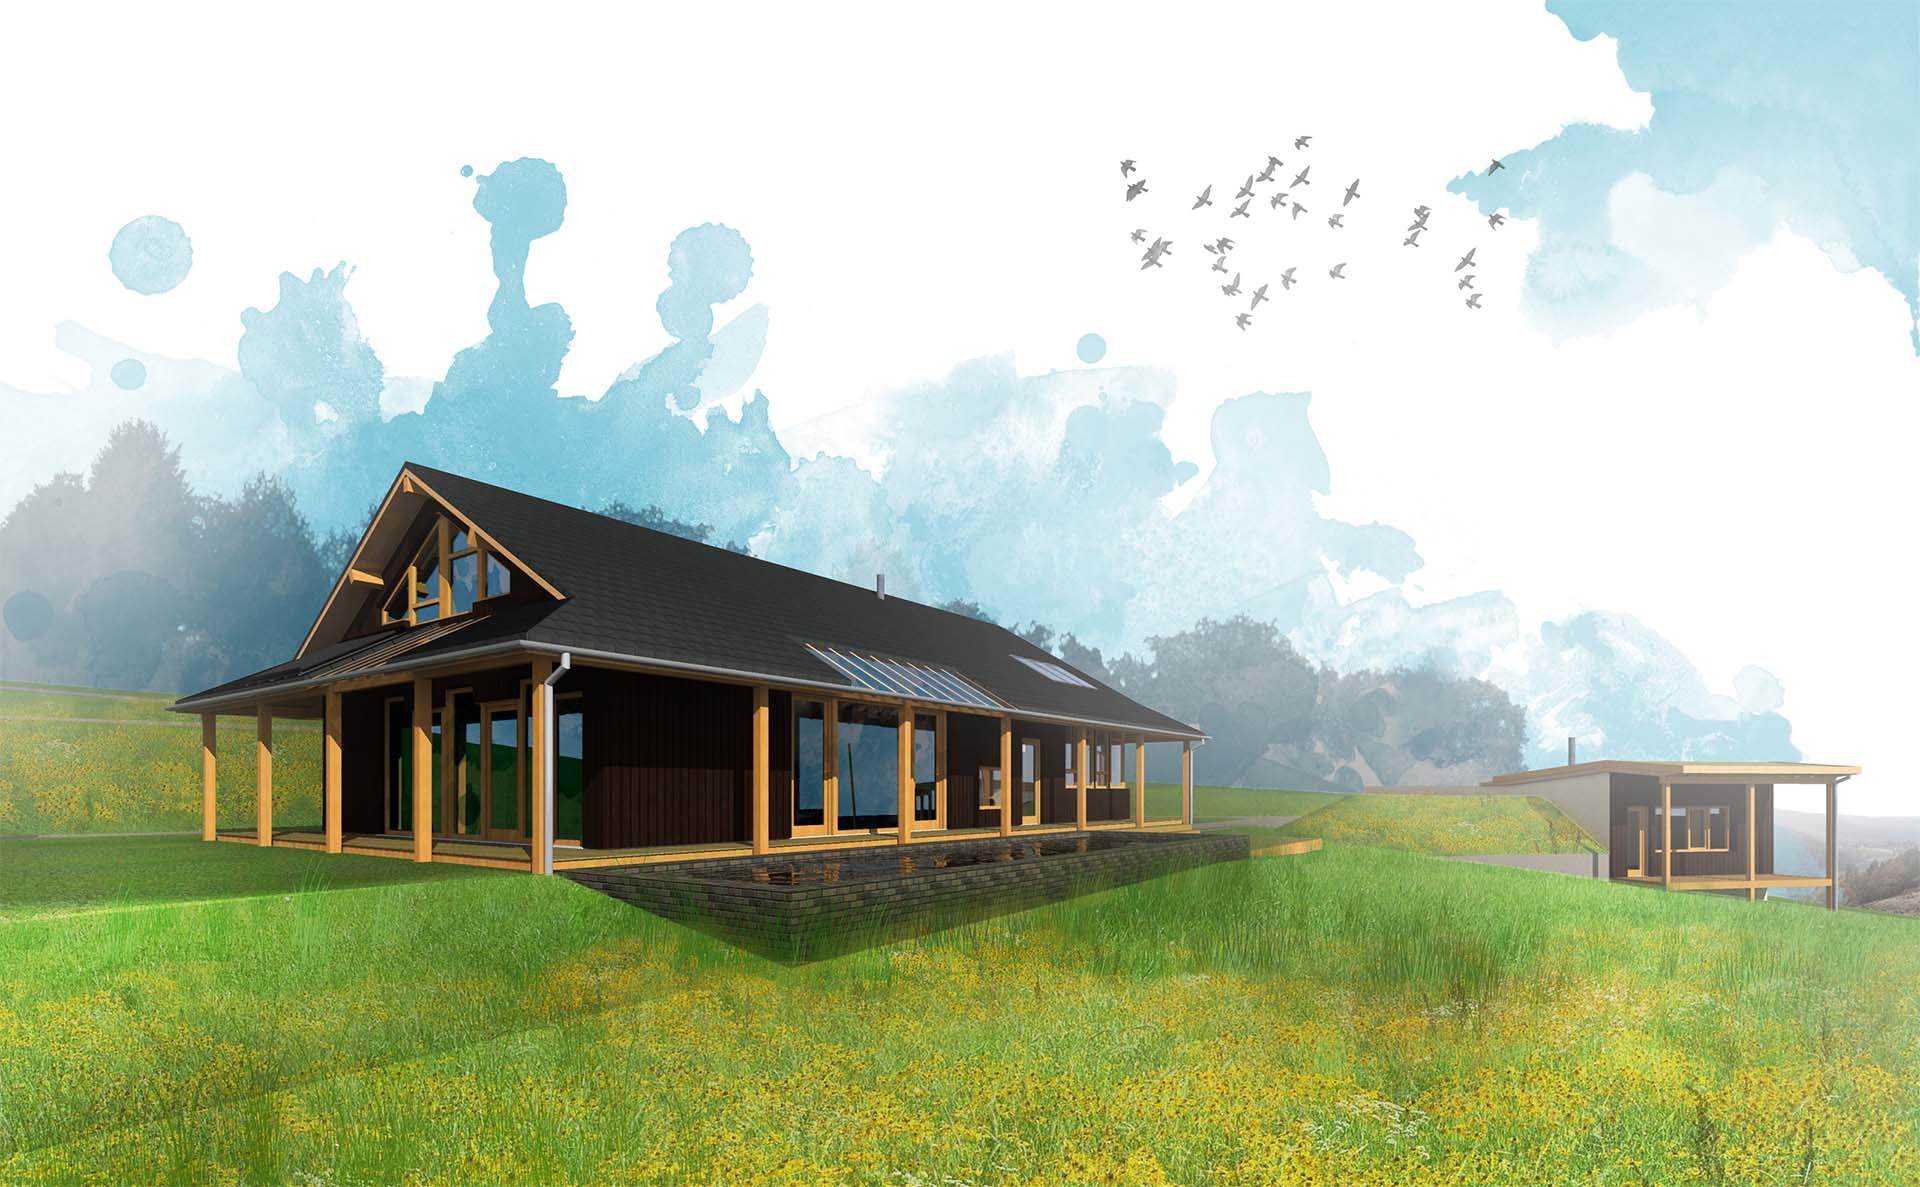 Casa in legno e paglia : come posizionare una casa in un terreno